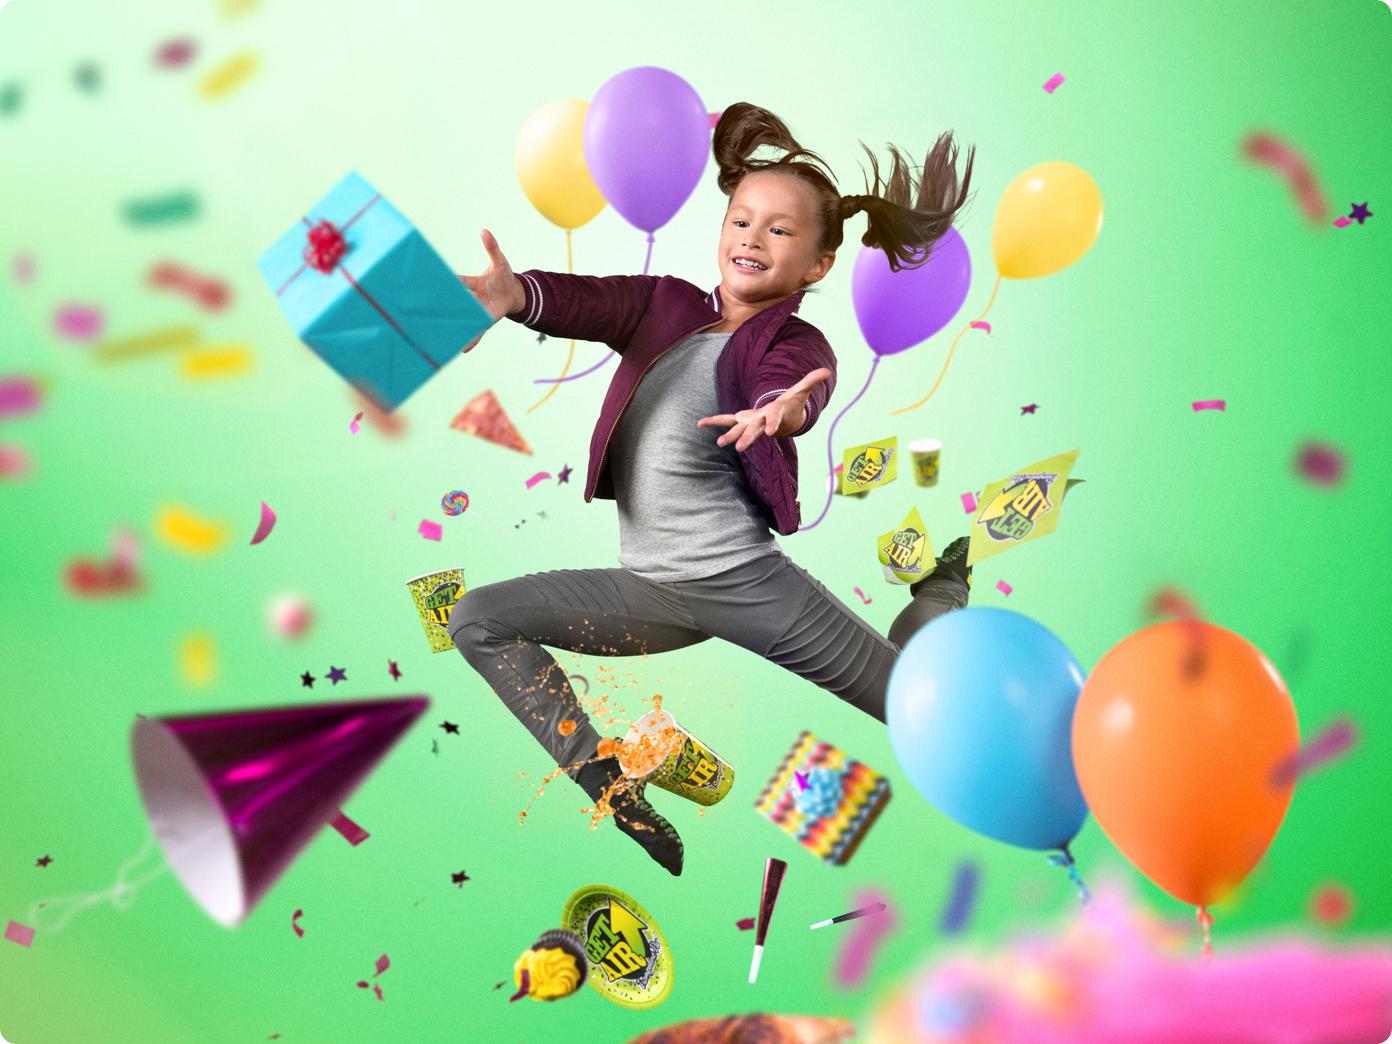 Get Air girl jumping